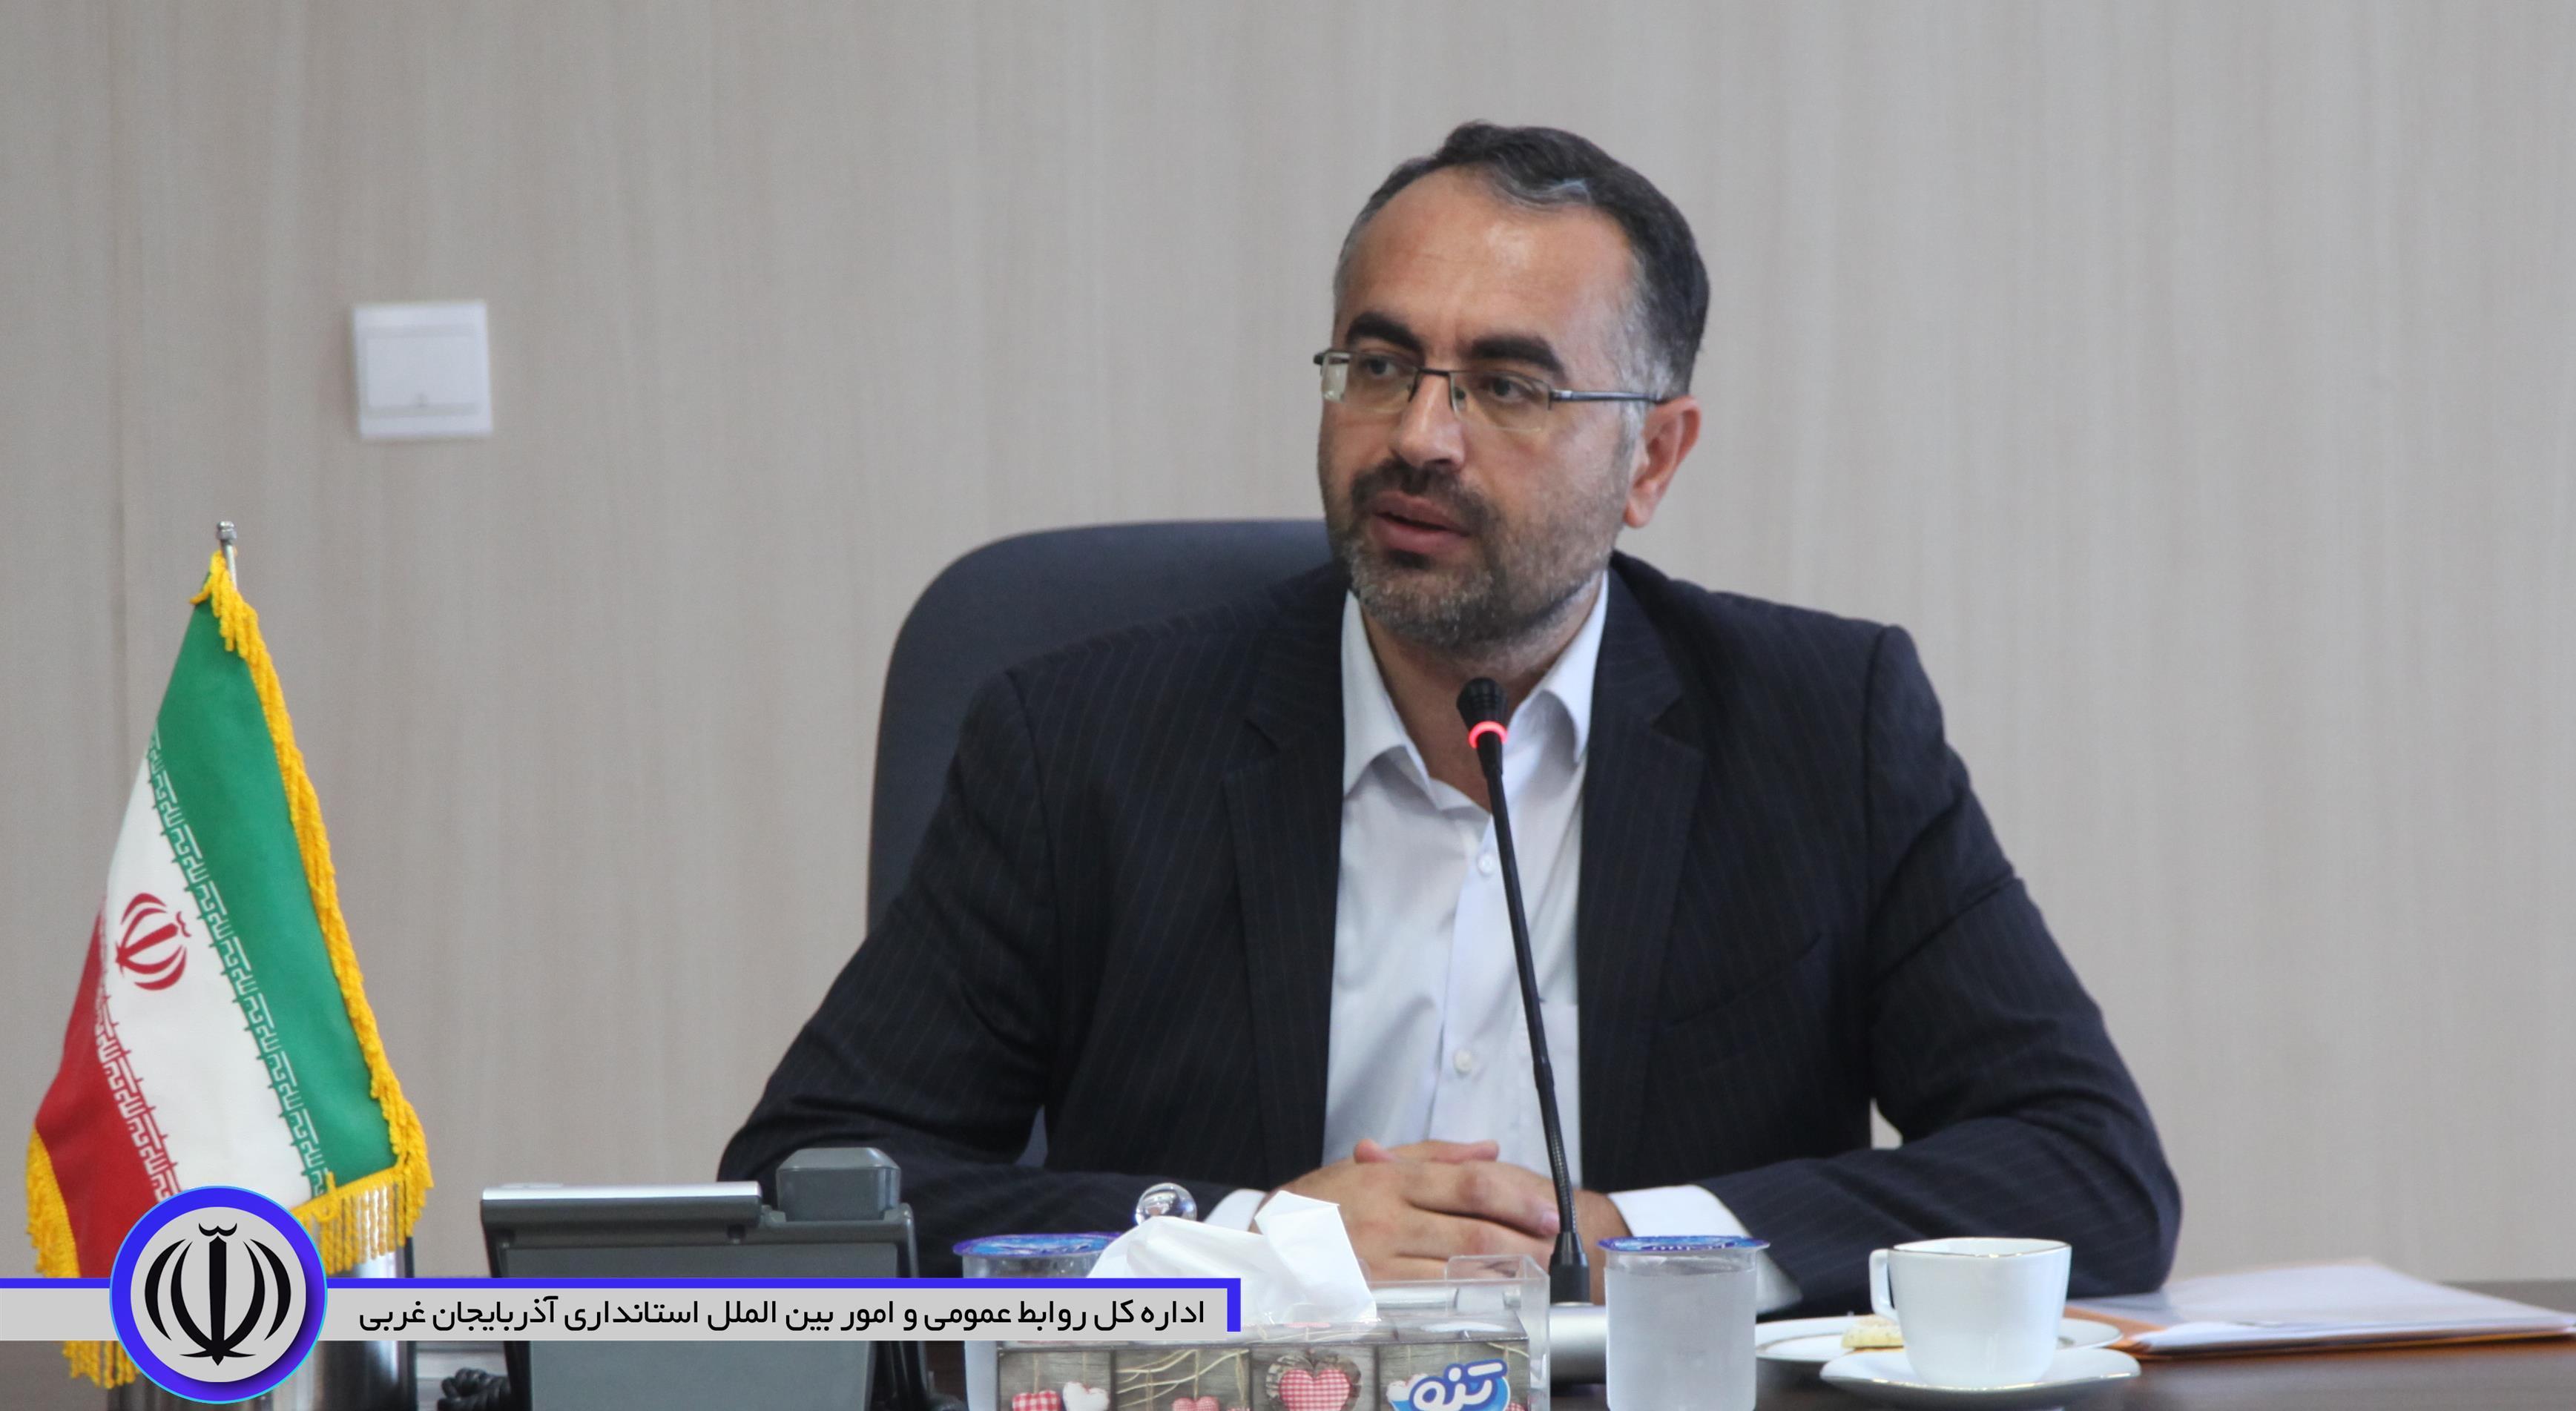 برگزاری دومین جلسه هیأت بازرسی یازدهمین دوره انتخابات مجلس شورای اسلامی آذربایجان غربی